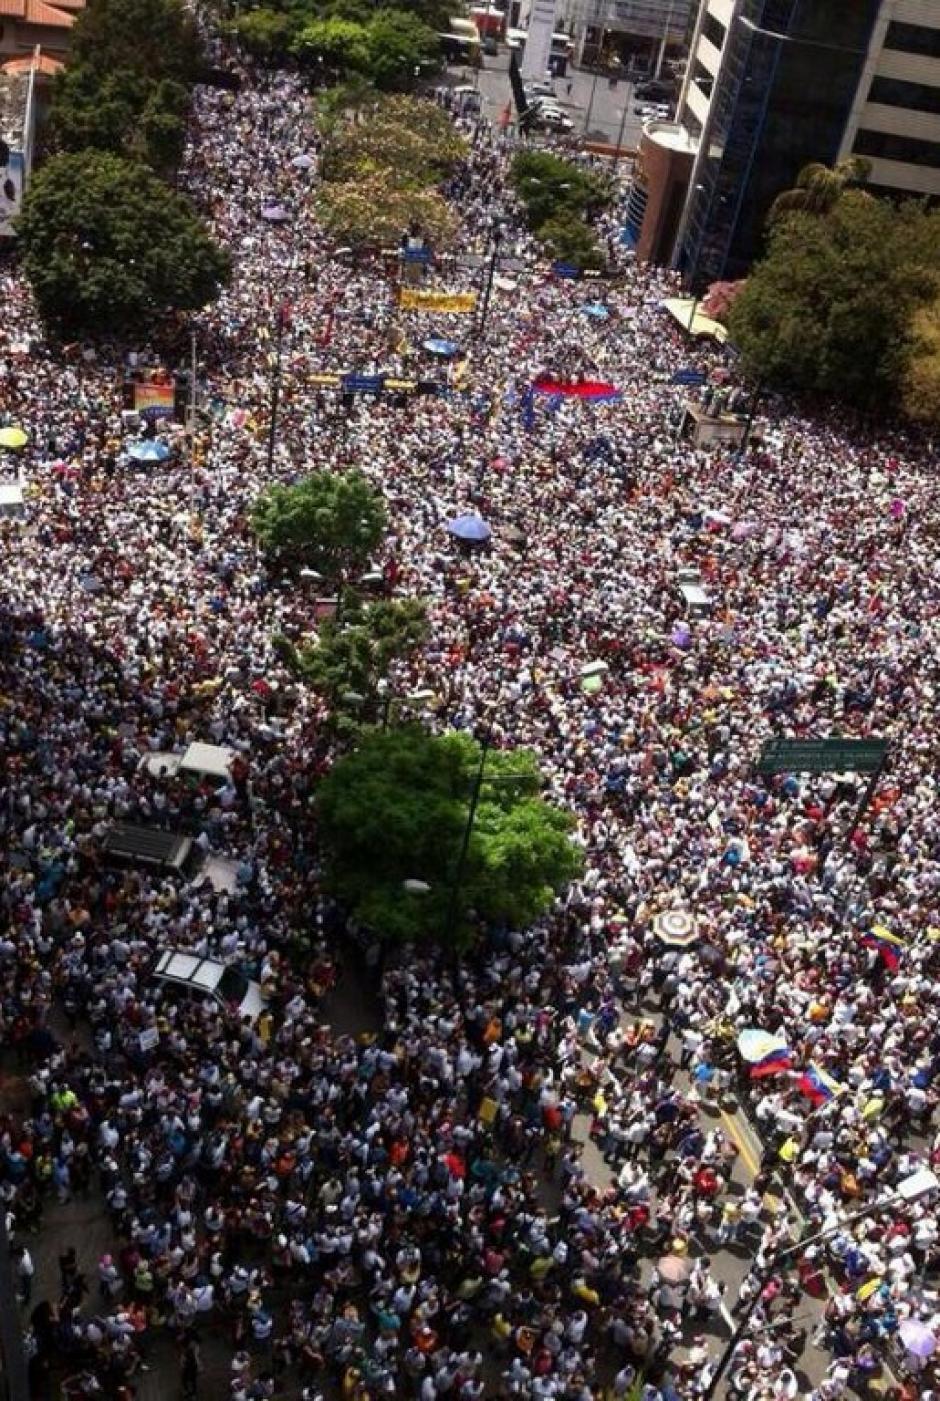 Activistas de la oposición marchan durante una protesta contra el gobierno del presidente venezolano, Nicolás Maduro, en Caracas, el 2 de marzo de 2014. Una nueva marcha se produjo el domingo después de una noche tranquila en la capital. Al menos 250 heridos desde una ola de protestas que comenzó el 4 de febrero. (Foto: AFP PHOTO)